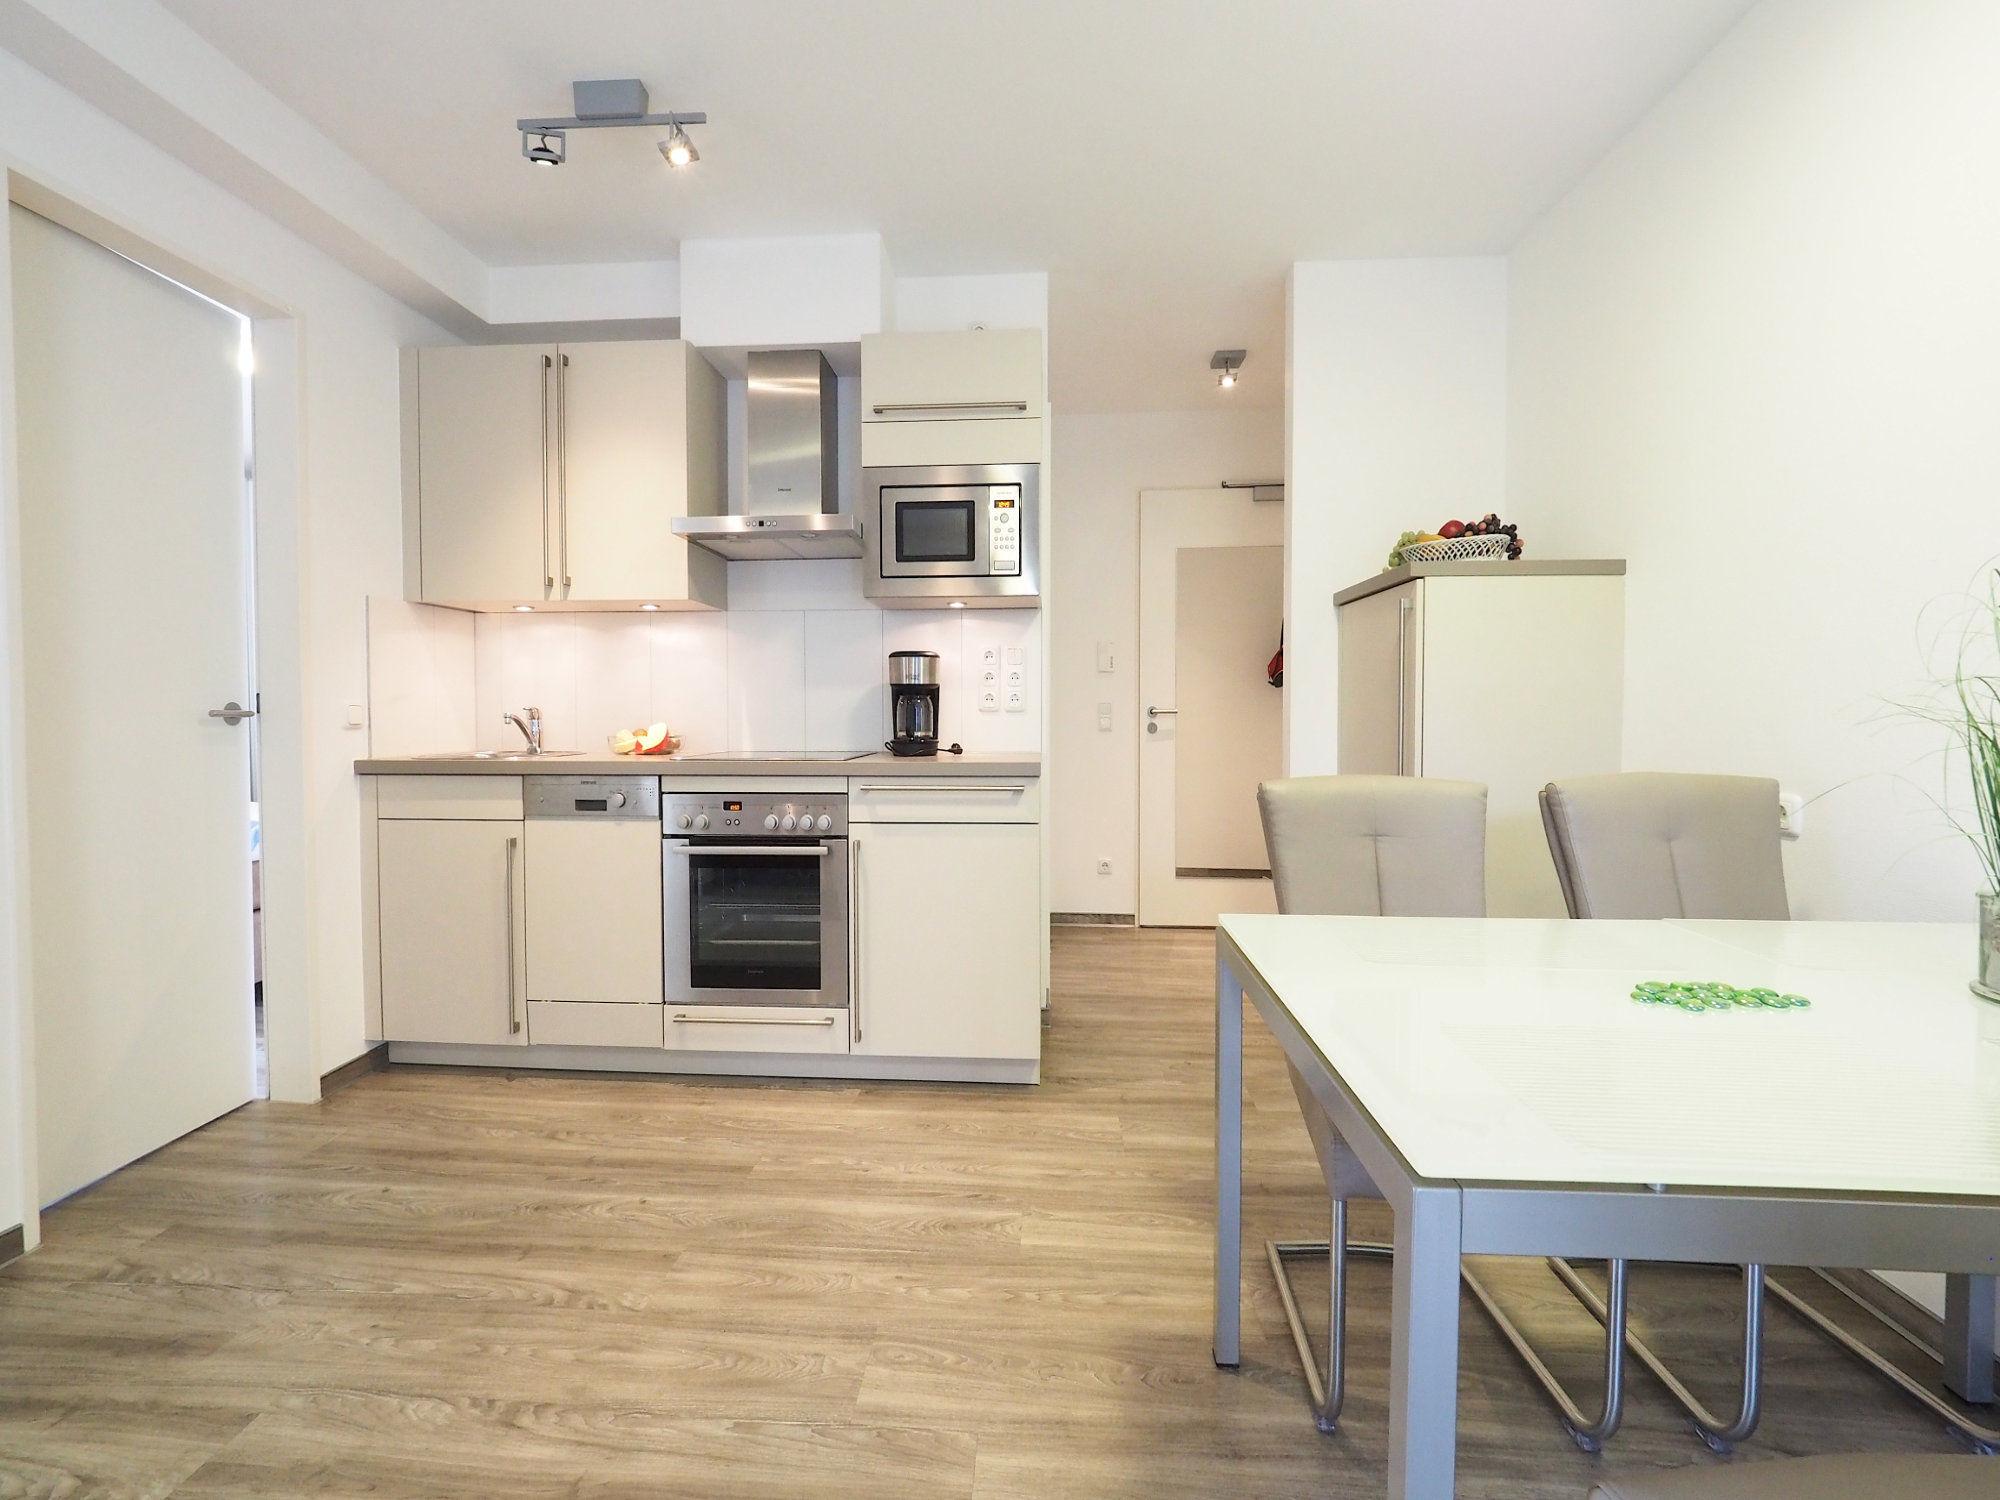 Esstisch mit Stühlen auf der rechten Seite, links im Hintergrund moderne Küchenzeile